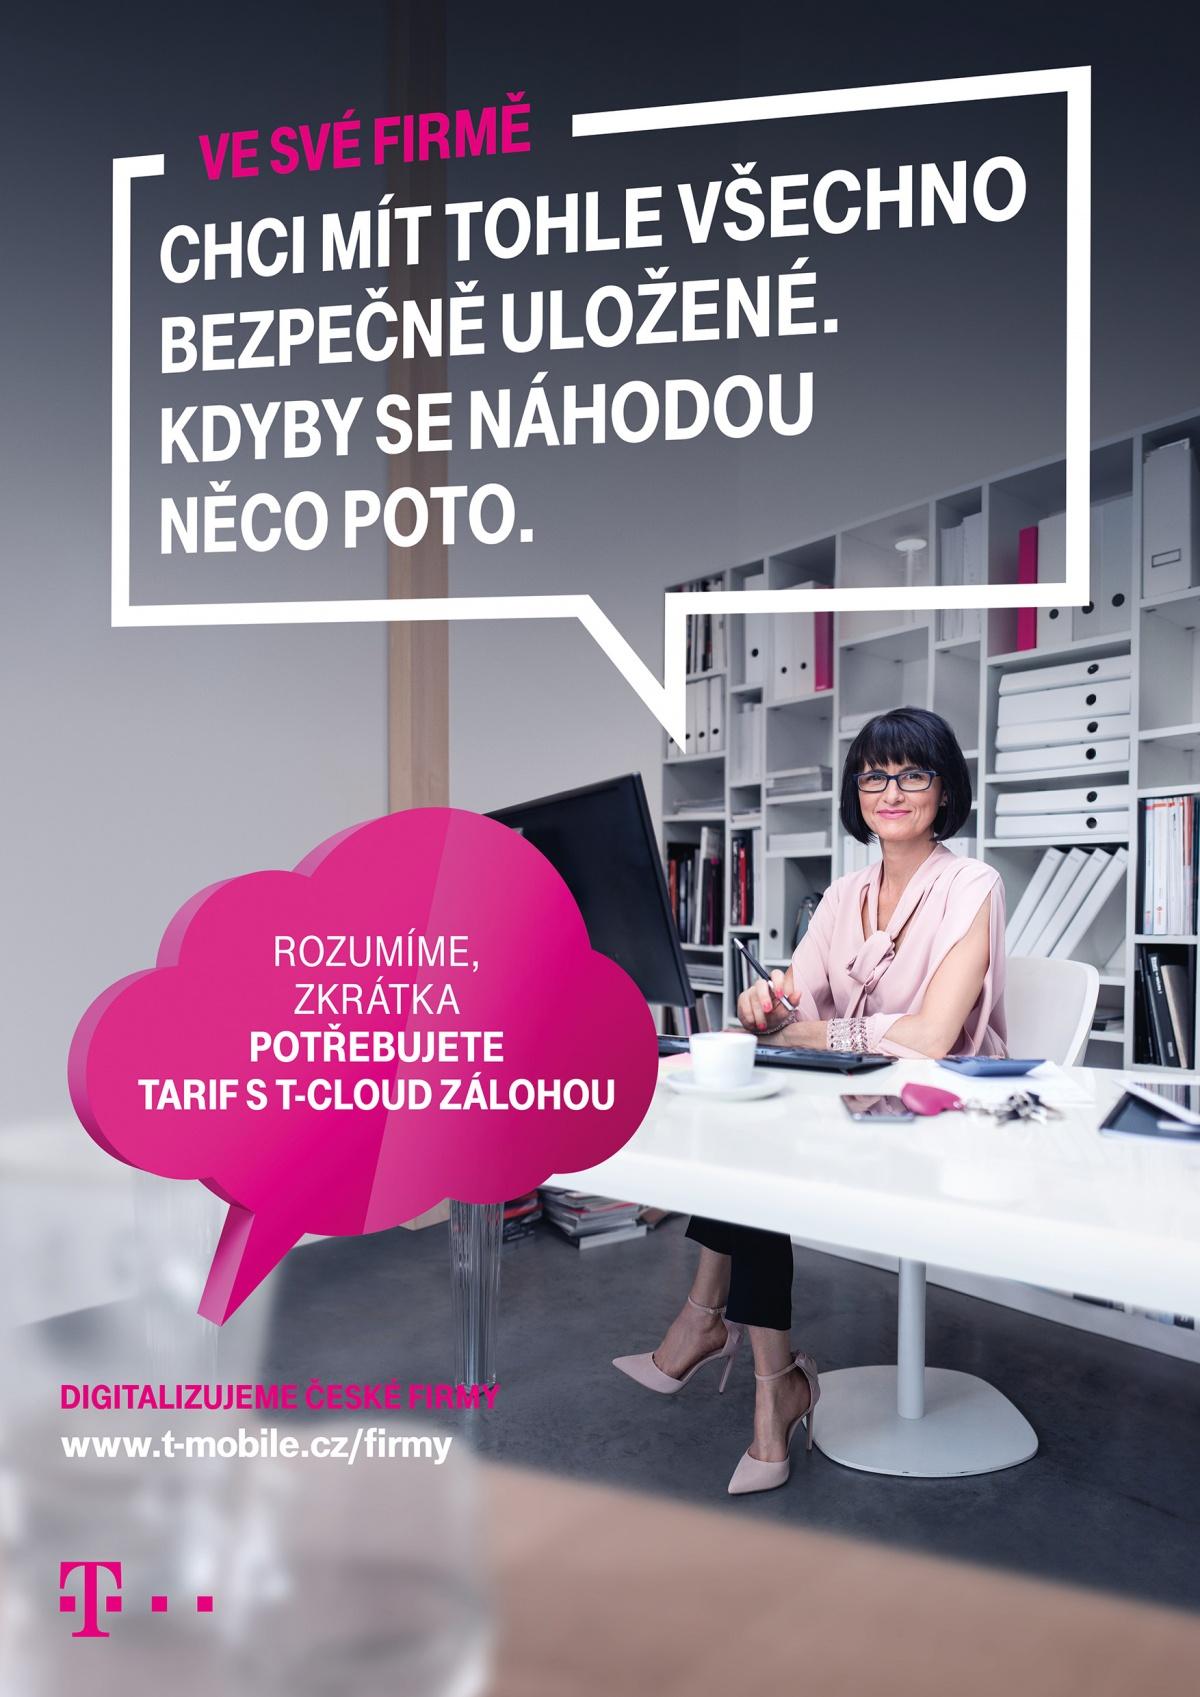 Digitalizujeme české firmy